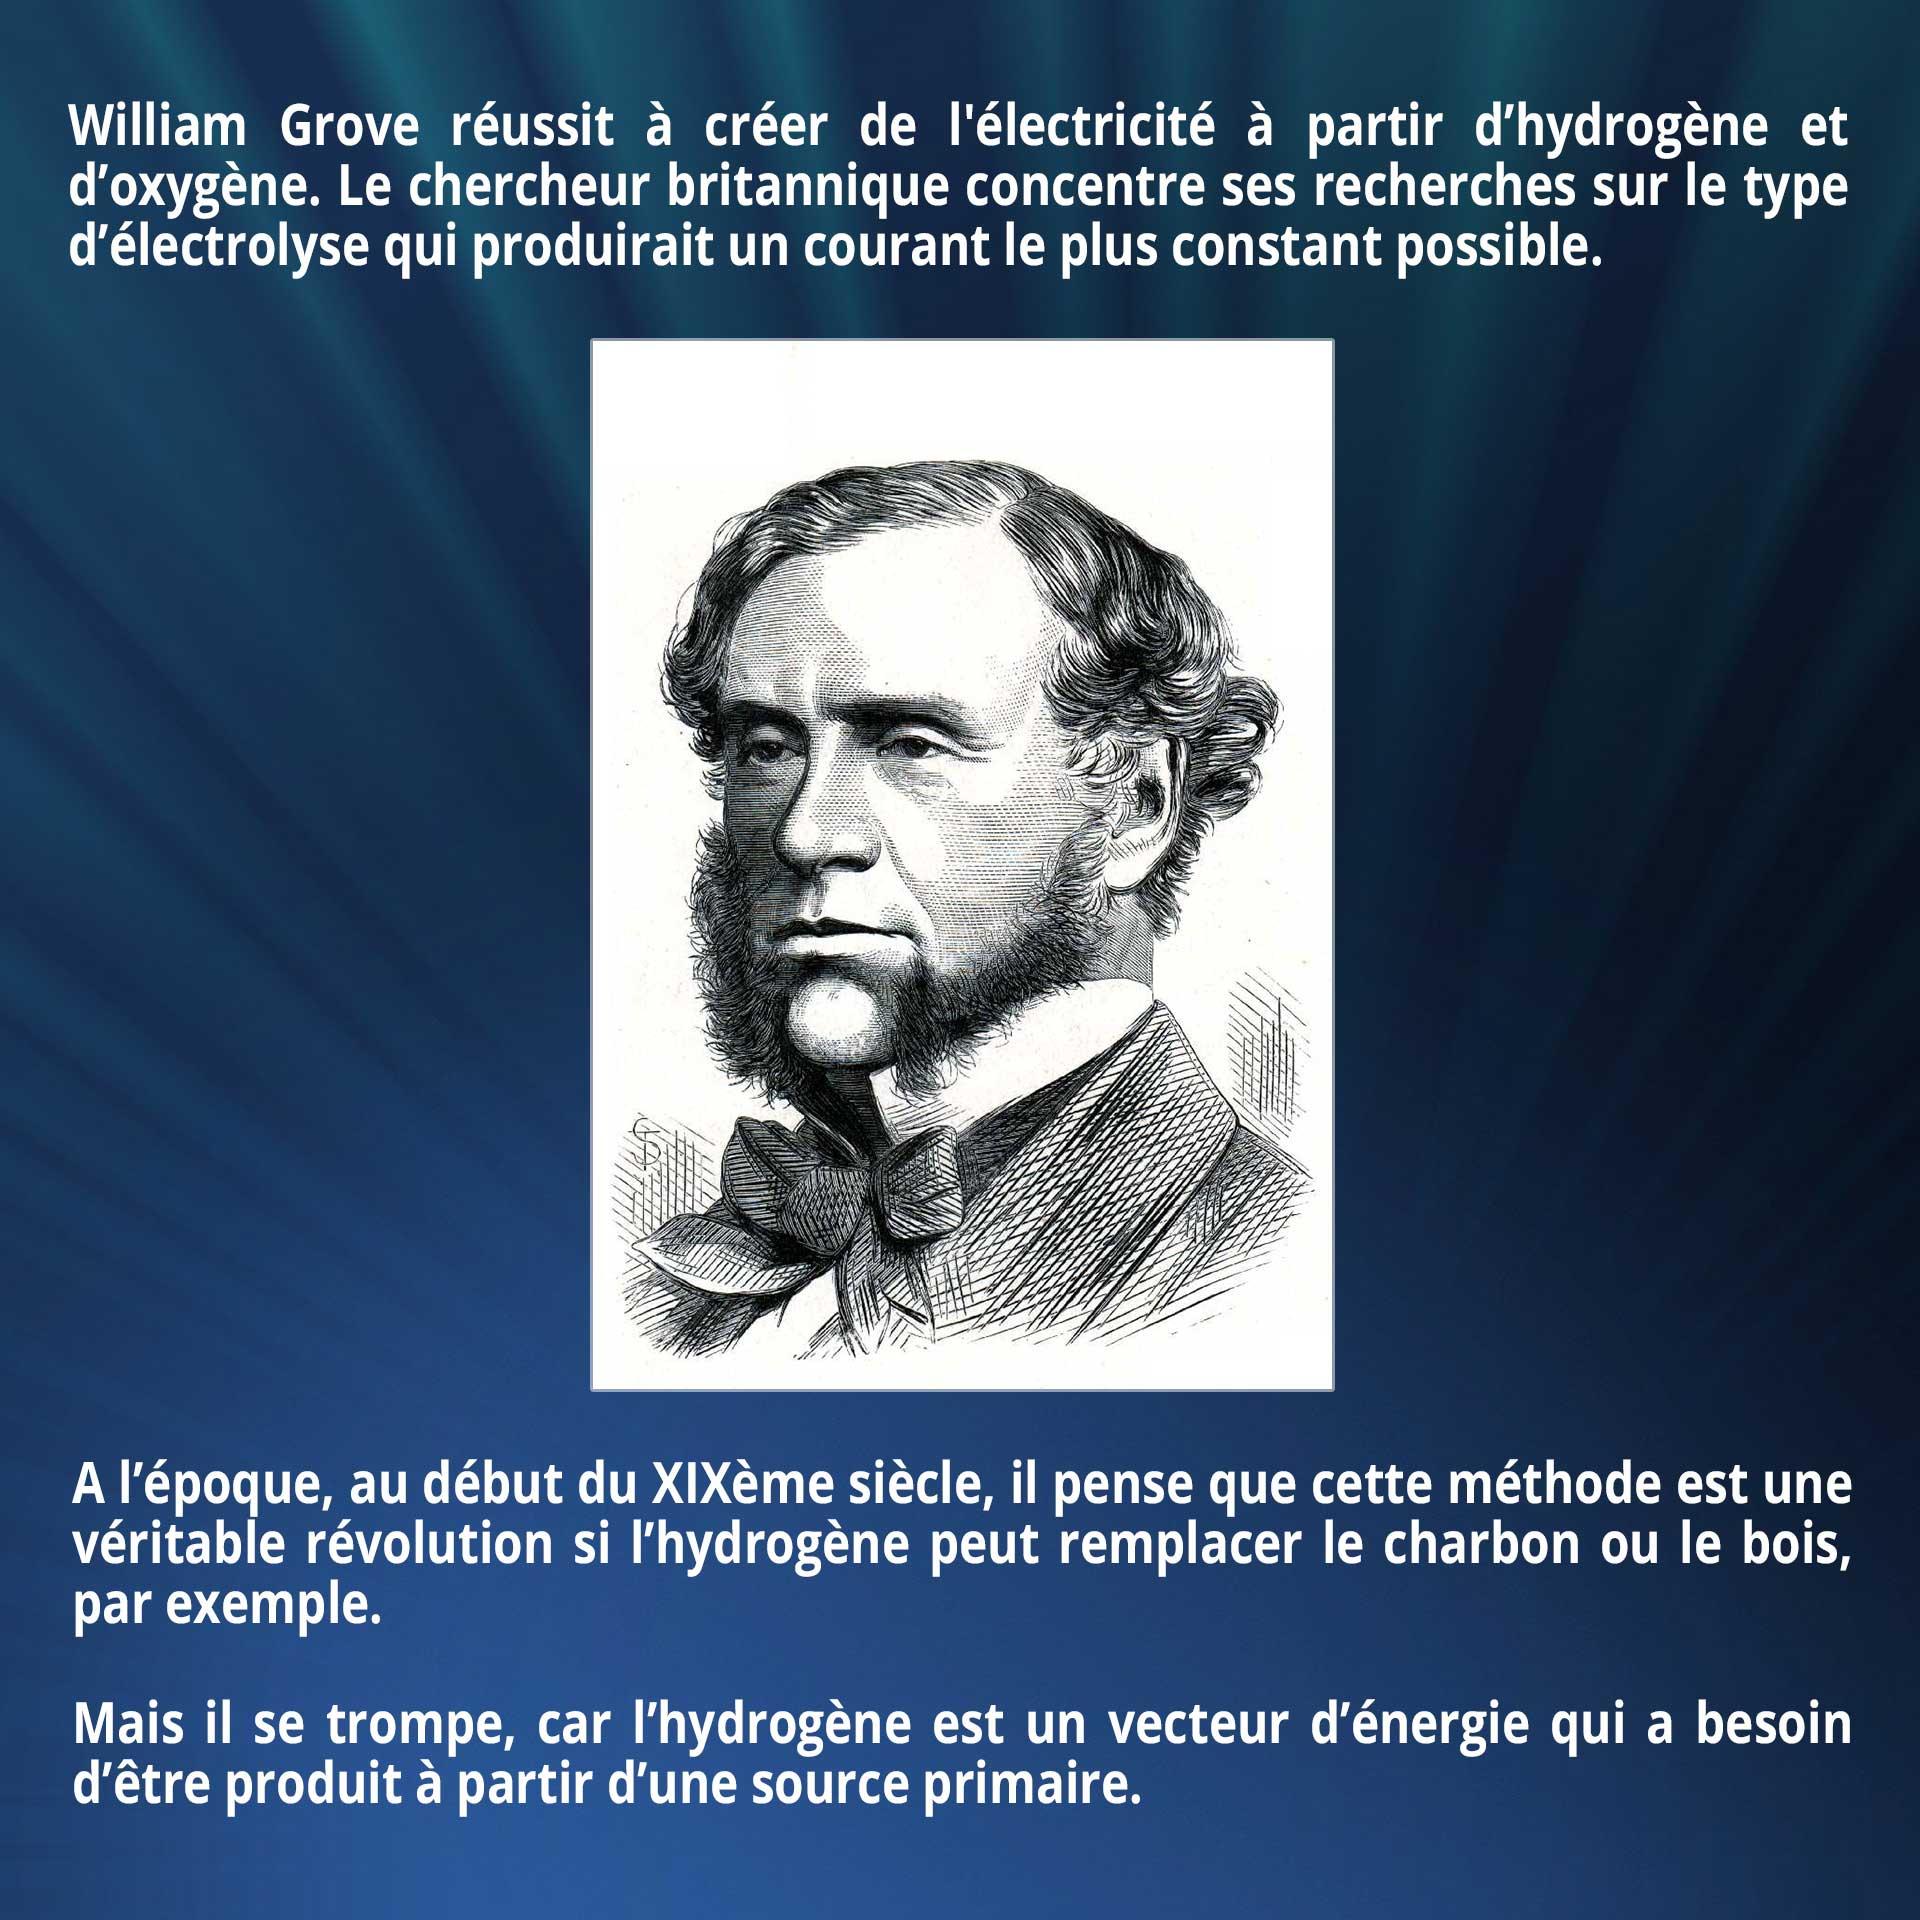 William Grove réussit à créer de l'électricité à partir d'hydrogène et d'oxygène. Le chercheur britannique concentre ses recherches sur le type d'électrolyse qui produirait un courant le plus constant possible. A l'époque, au début du XIXème siècle, il pense que cette méthode est une véritable révolution si l'hydrogène peut remplacer le charbon ou le bois, par exemple. Mais il se trompe, car l'hydrogène est un vecteur d'énergie qui a besoin d'être produit à partir d'une source primaire.